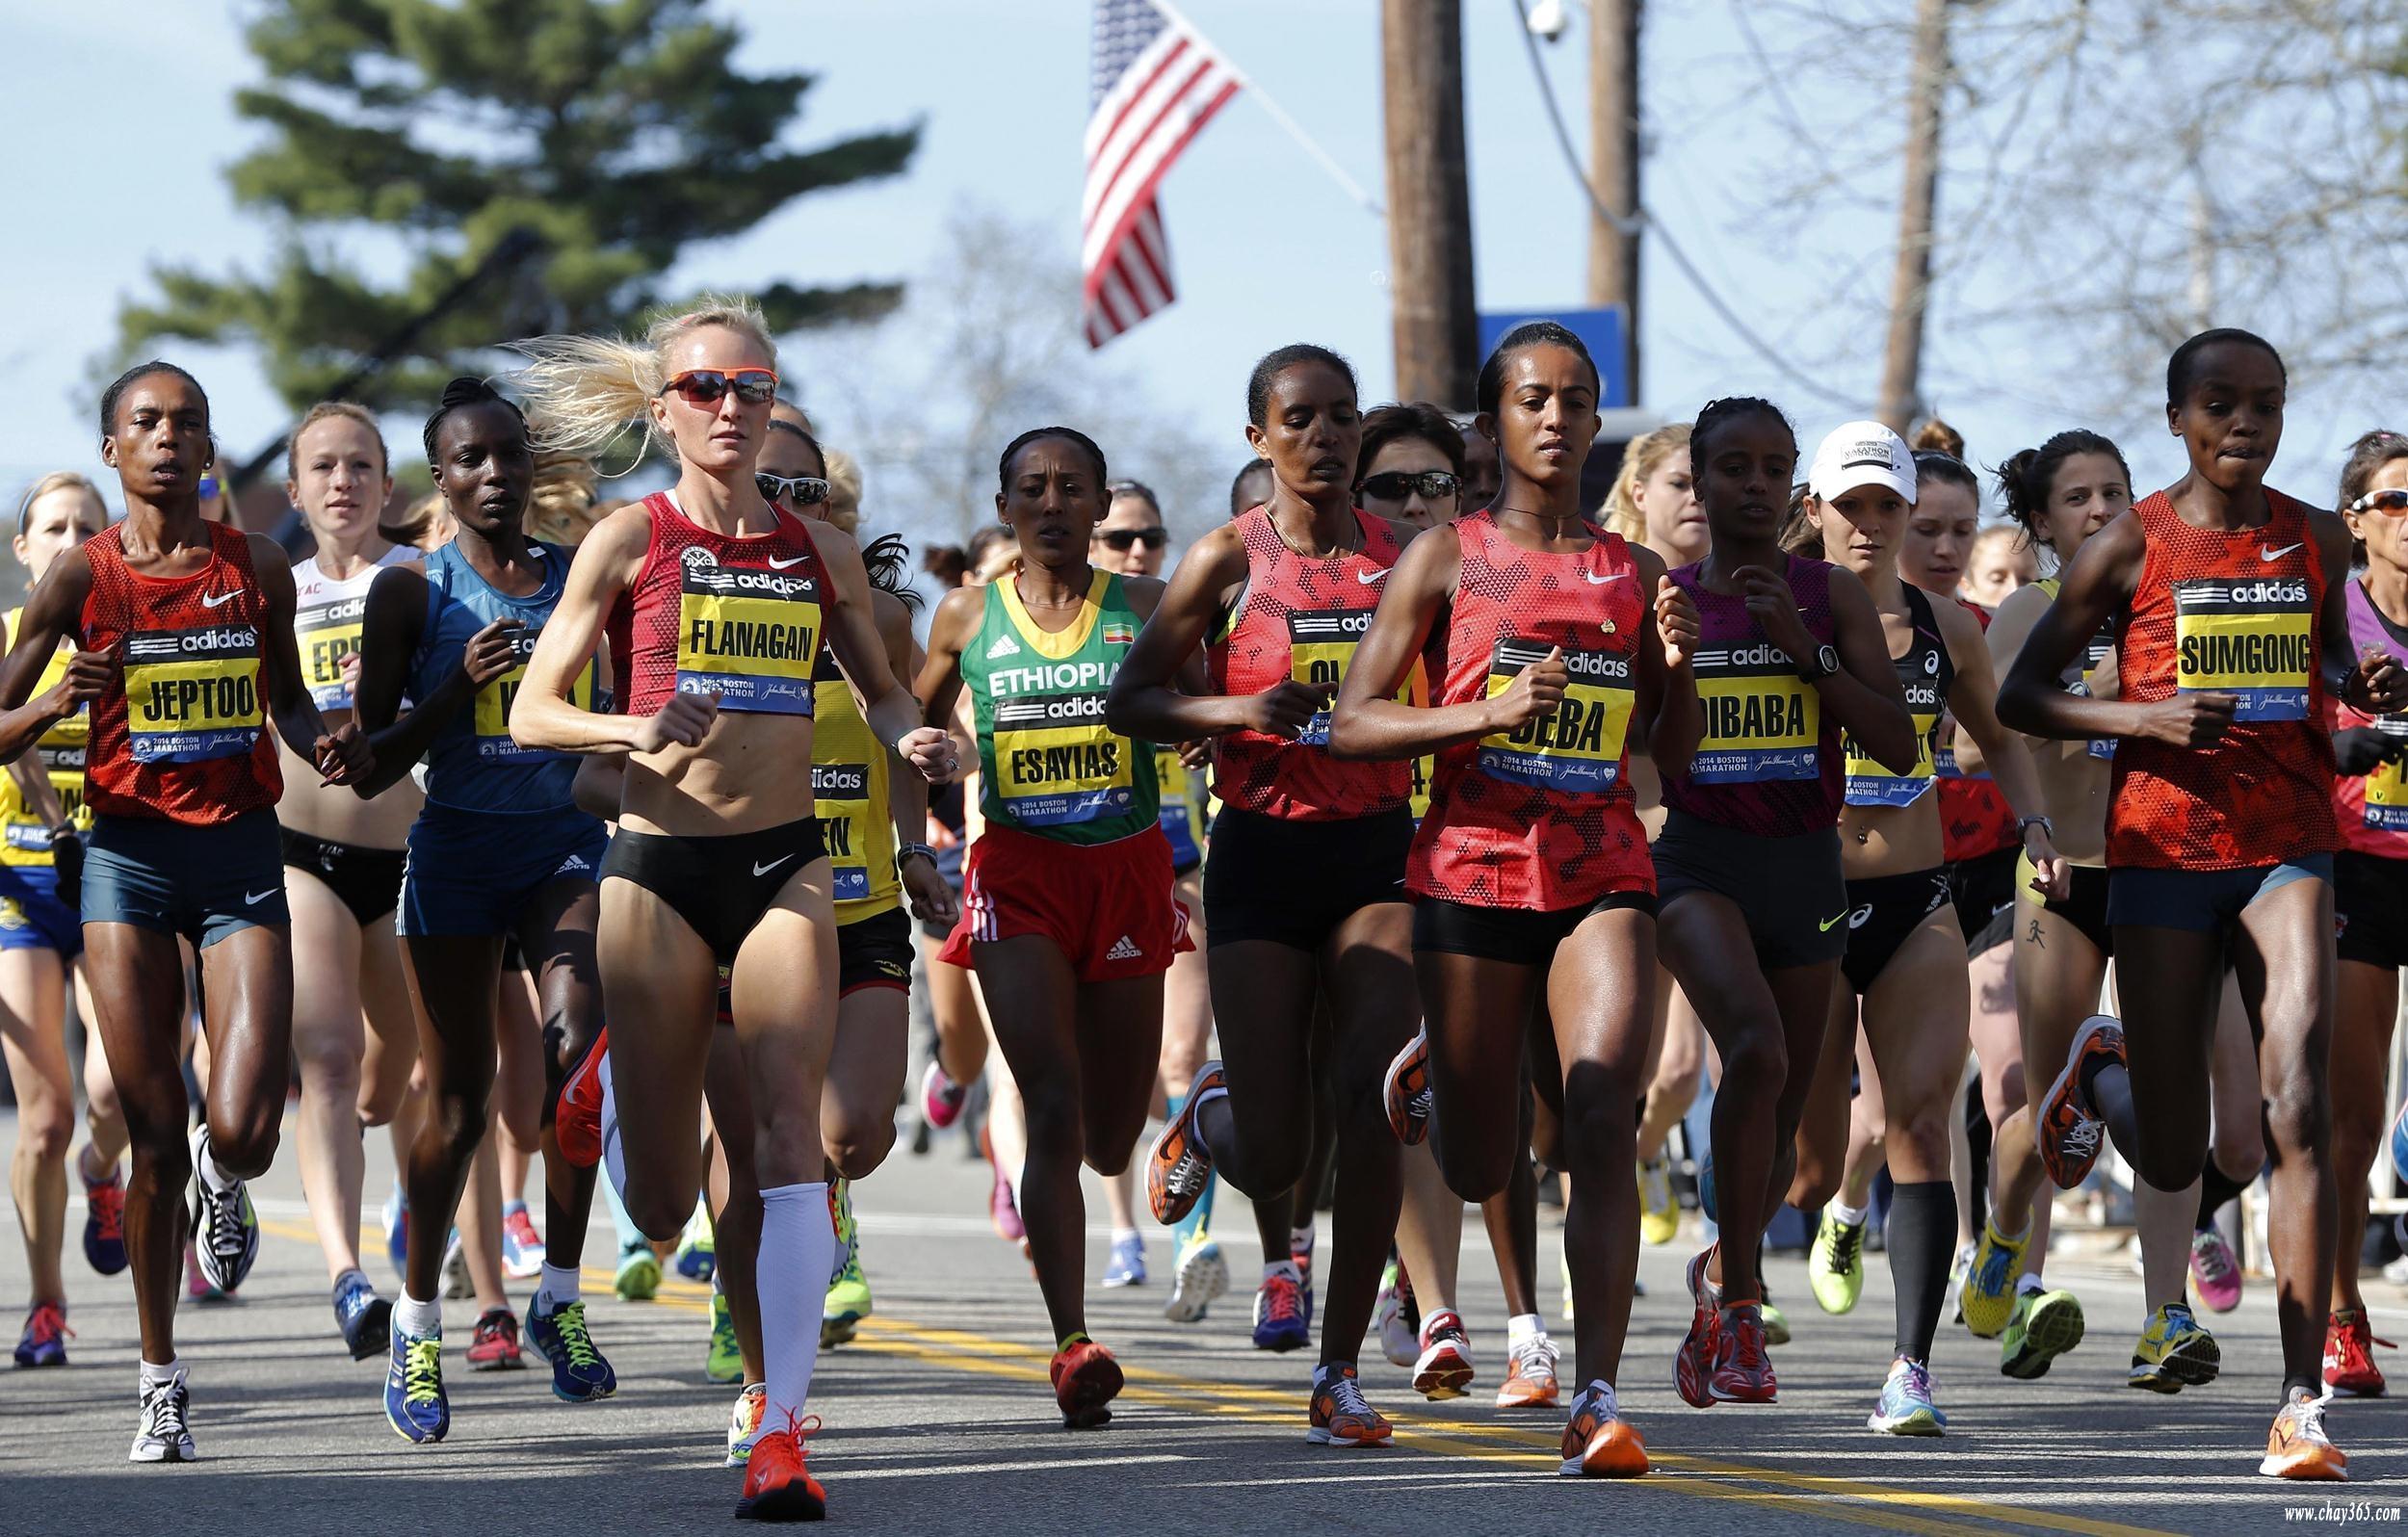 140421-women-marathon-start-jsw-959a_1db85ea1e7dda0ea1d3c45fb1679004a